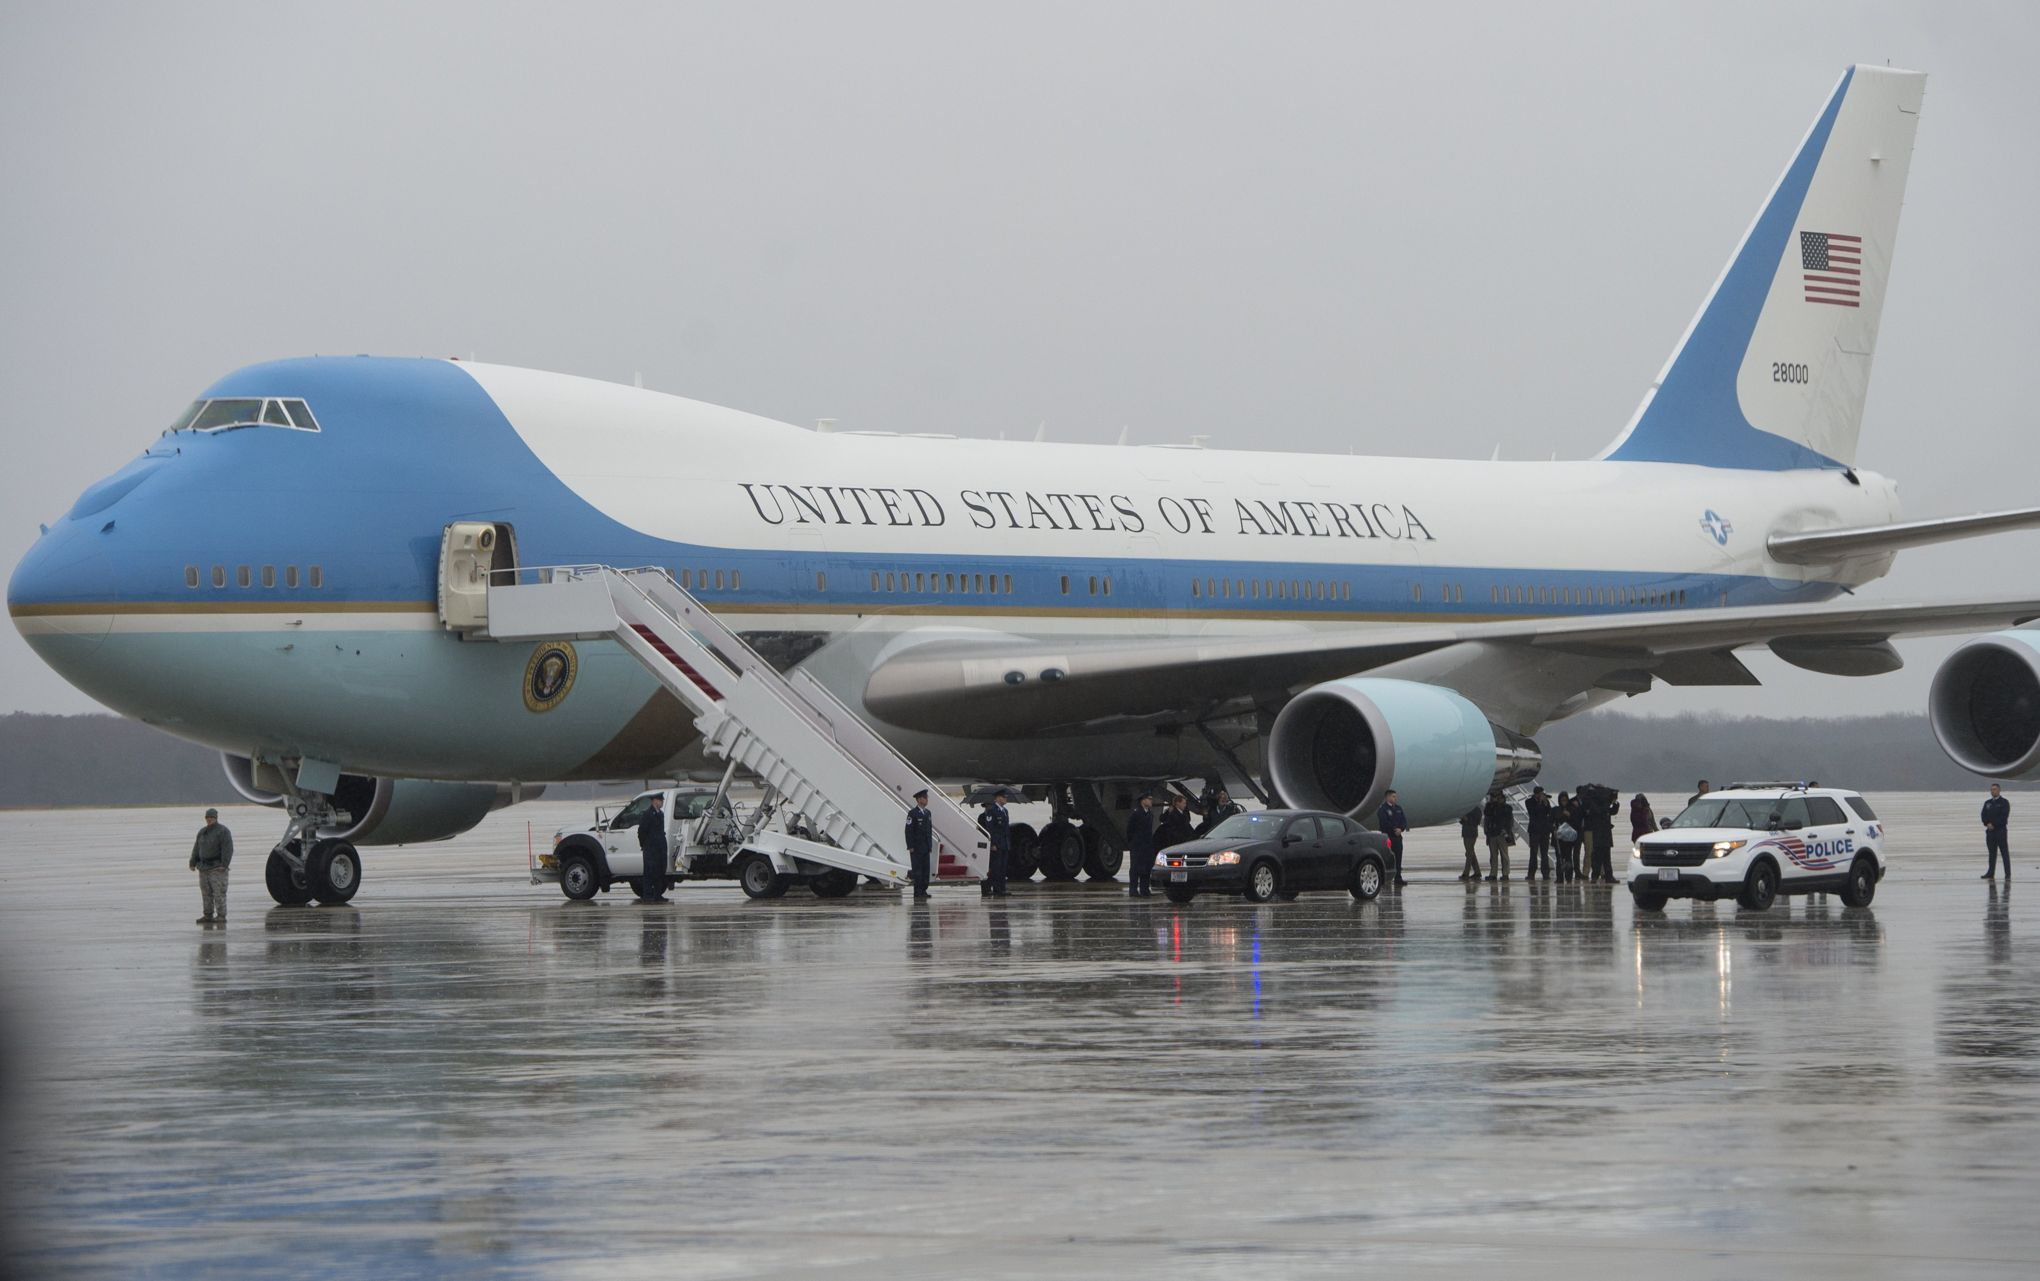 Air Force One, l'avion officiel du président des États Unis